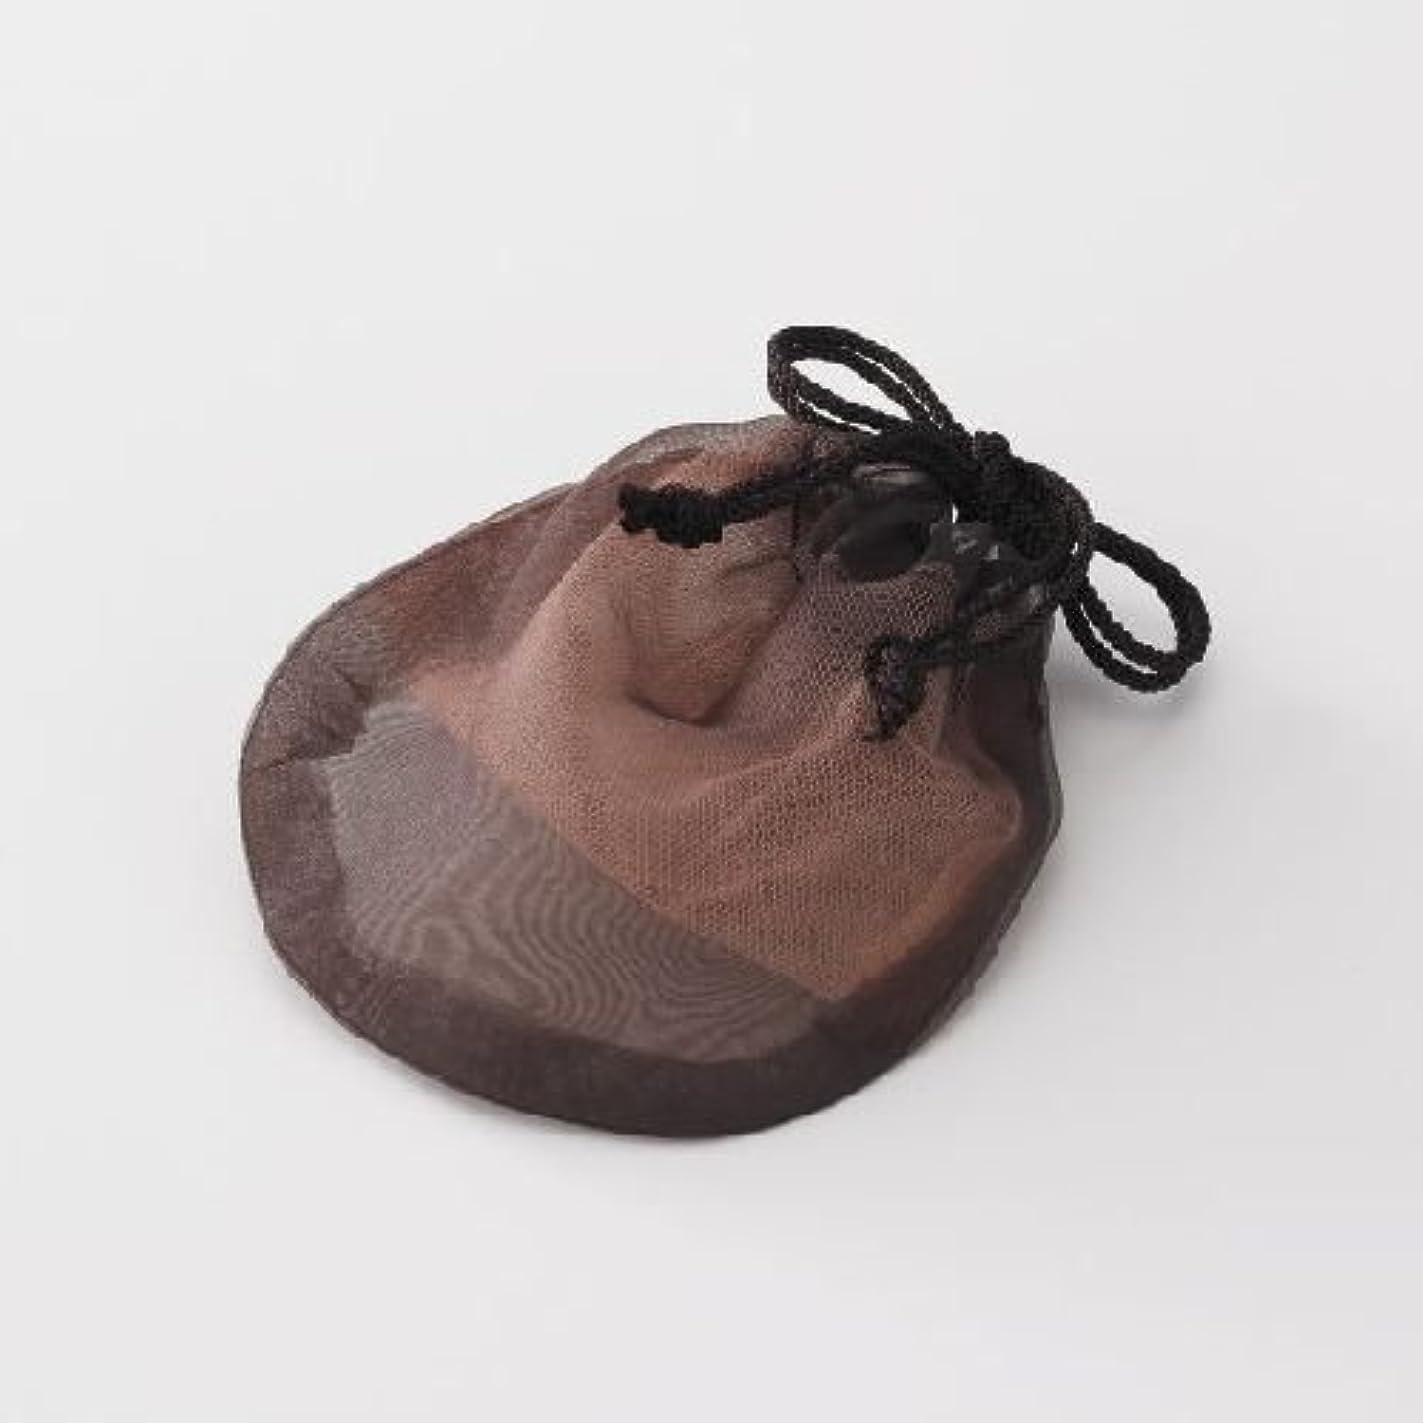 前方へ不利益花弁ピギーバックス ソープネット 瞬時にマシュマロのようなお肌に負担をかけないキメ細かな泡をつくることができるオシャレなポーチ型オリジナル【泡だてネット】!衛生的に固形石鹸の保存もできます。